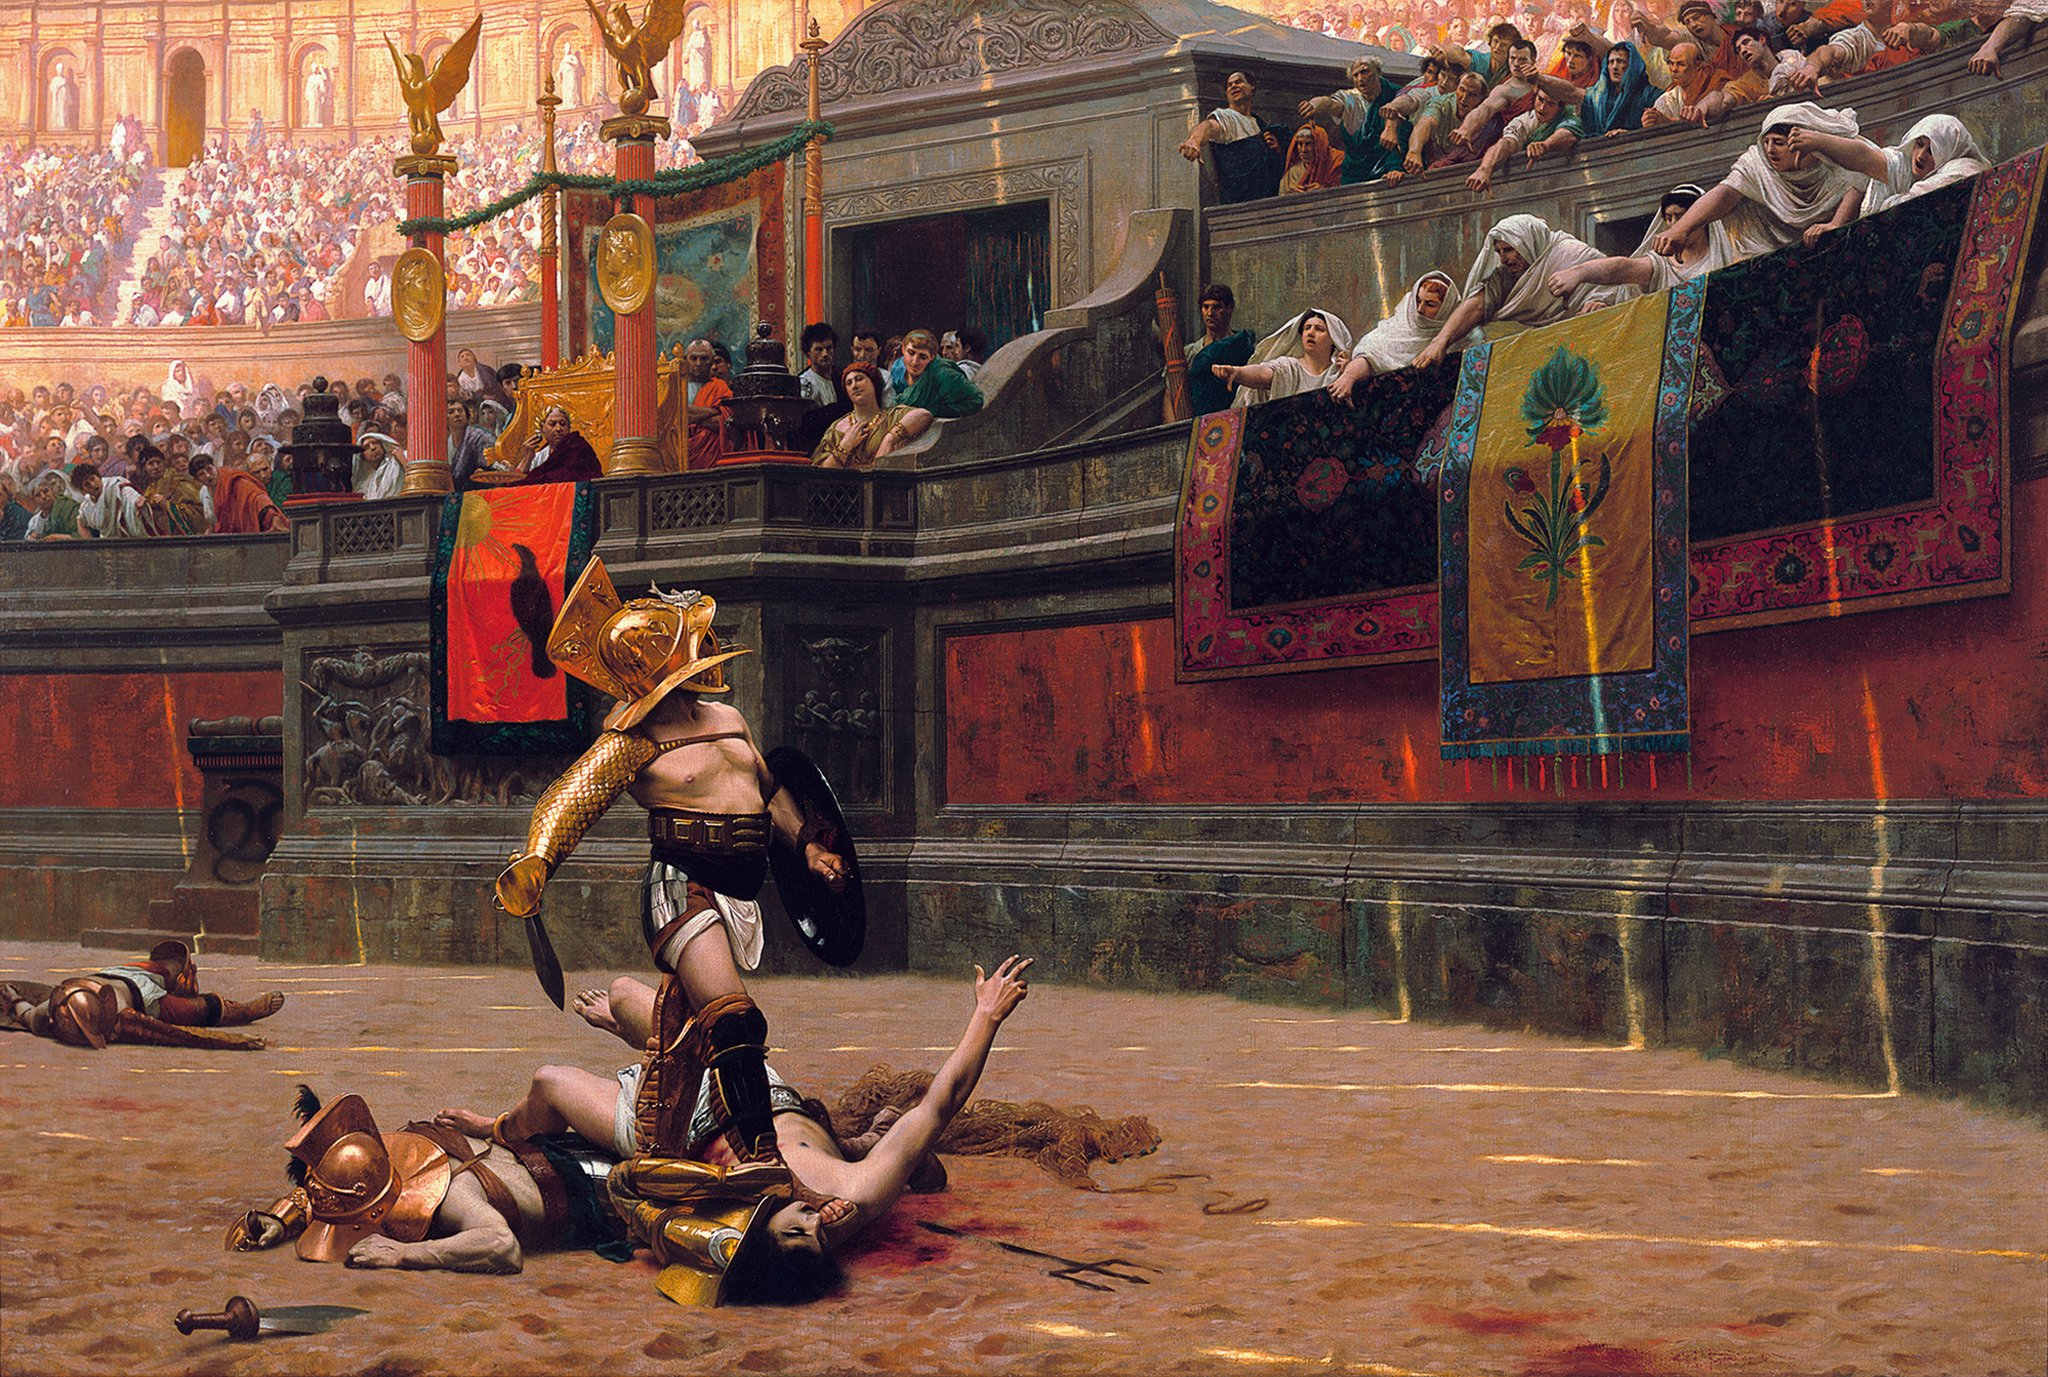 Na piaszczystej arenie otoczonej trybunami, na której siedzą widzowie leżą pokonani gladiatorzy. Na szyi jednego znich trzyma nogę ubrany wzłoty hełm, trzymający wjednym ręku mały miecz, awdrugim tarczę, gladiator, który wygrał walkę. Patrzy na trybuny, na których siedzą kobiety wbiałych szatach iwyciągniętymi rękami pokazują kciuki wdół.Za kobietami na przyozdobionej kwiatami trybunie honorowej siedzi na złotym tronie mężczyzna wzłotym wieńcu na głowie.